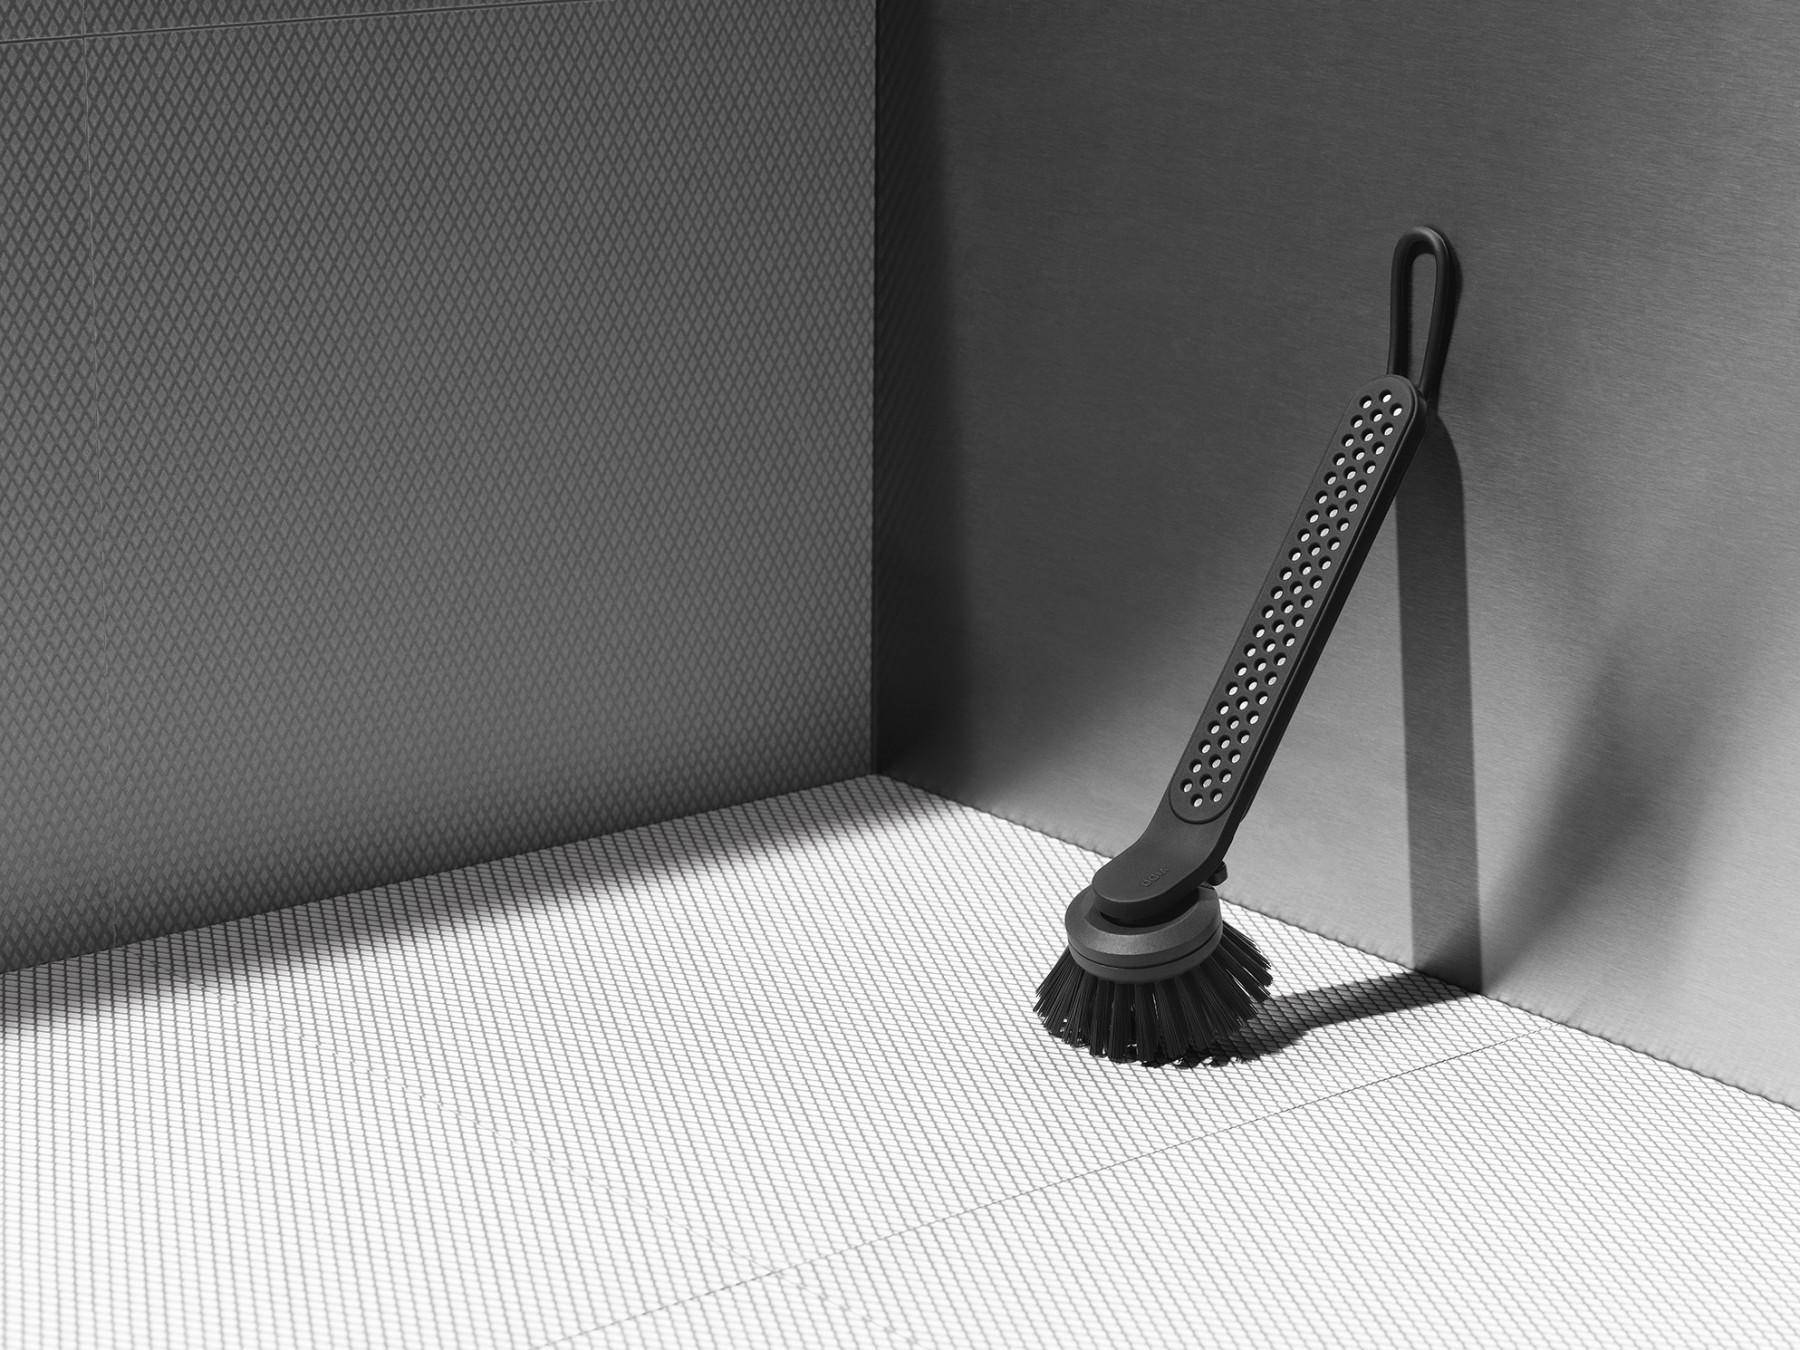 vipp Dishwashing Brush VIPP280, 28004, 5705953003836